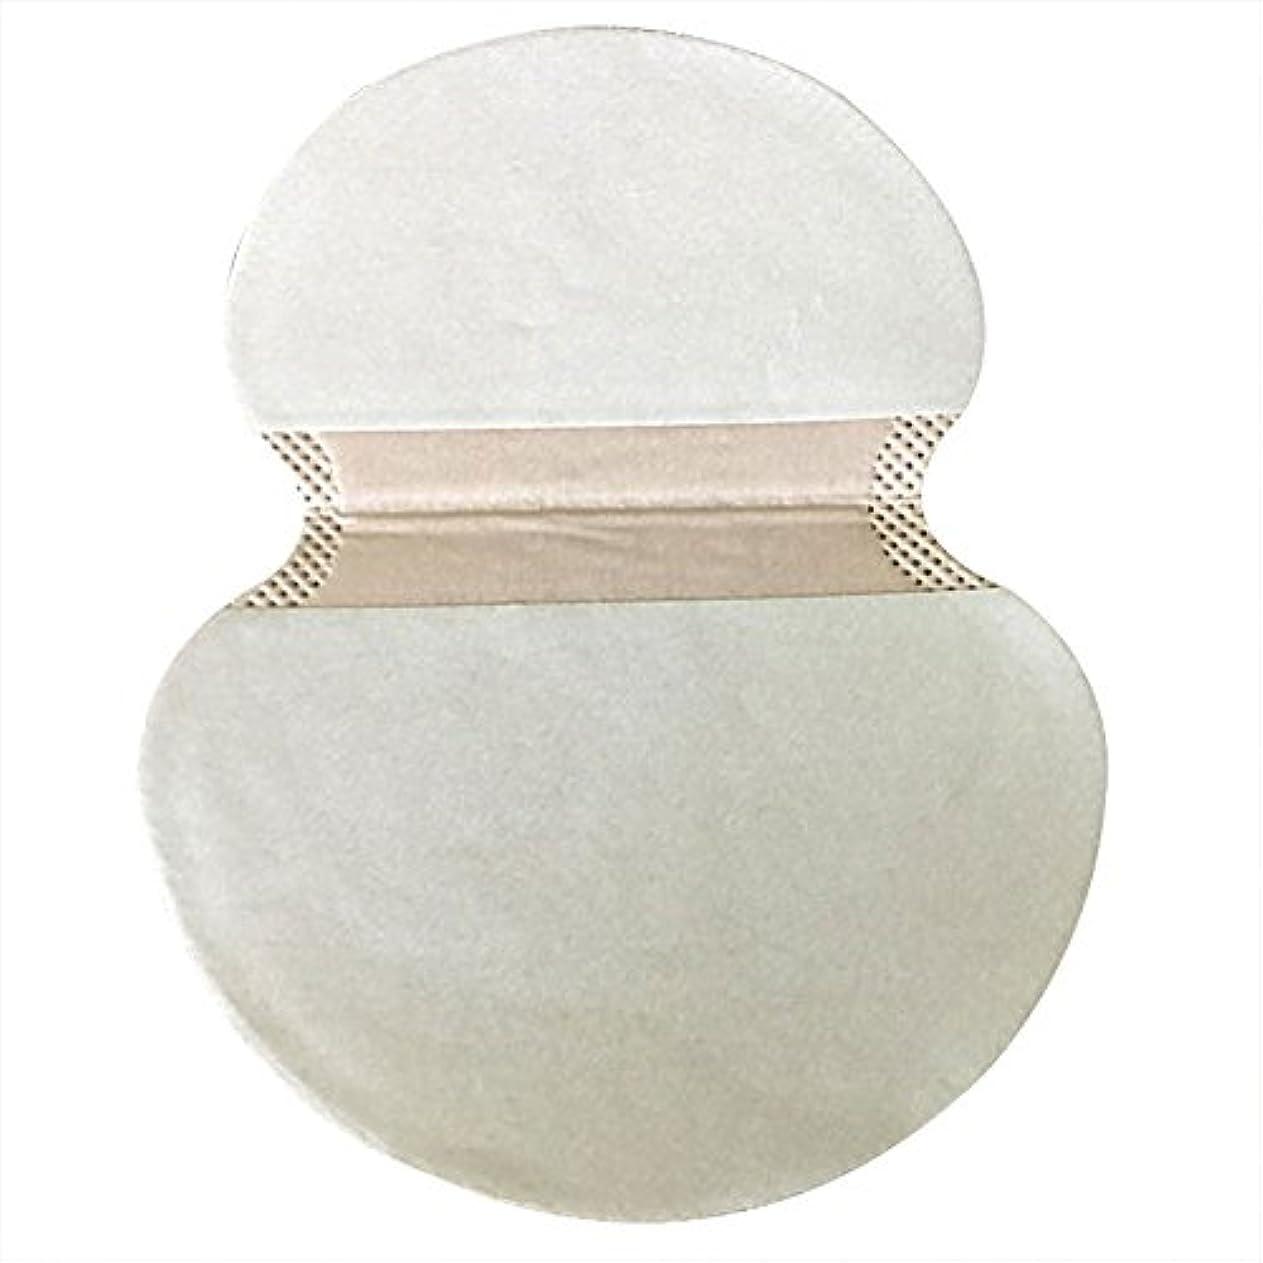 メタンお願いしますジェームズダイソンkiirou 汗取りパッド わき汗パット 10枚セット さらさら あせジミ防止 防臭シート 無香料 メンズ レディース 大きめ